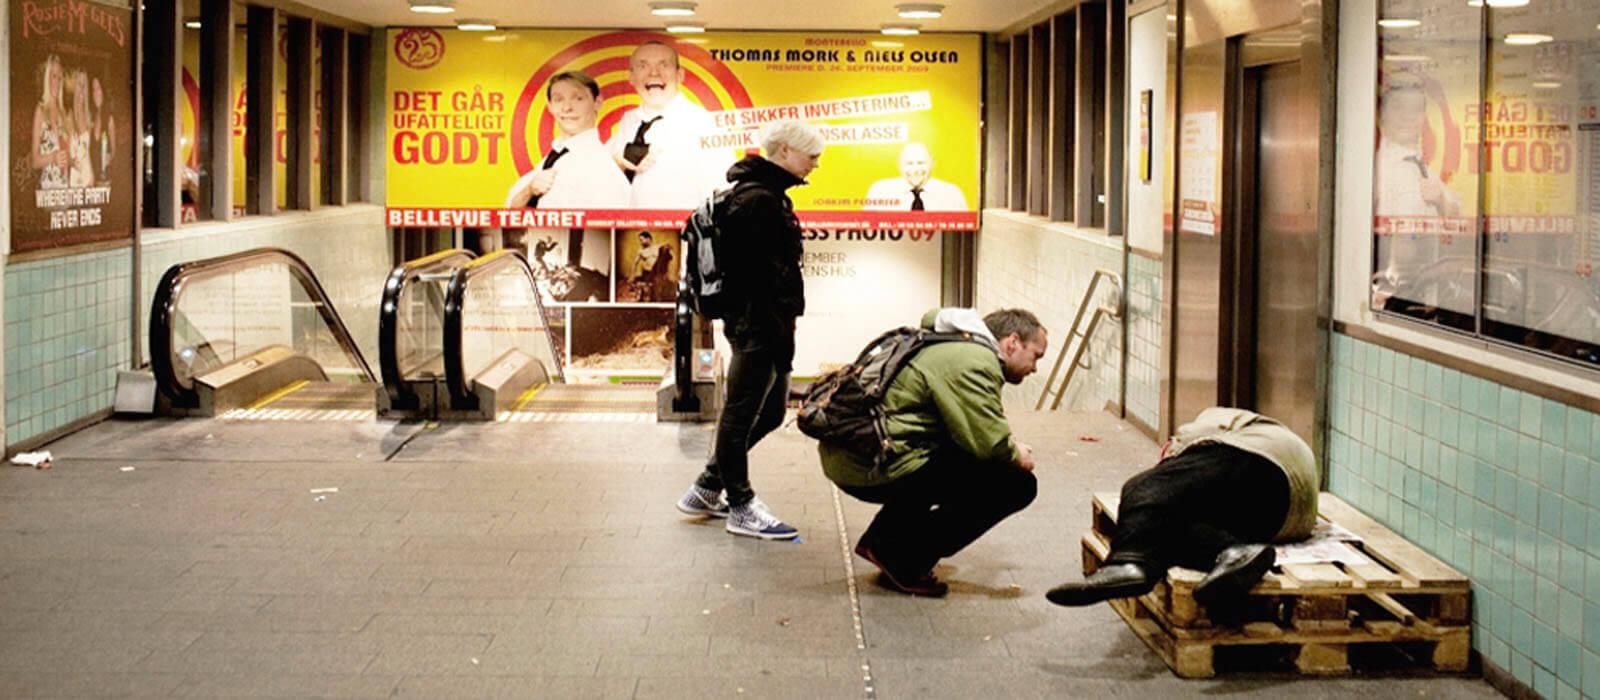 Hjemløs på station - Projekt Udenfor